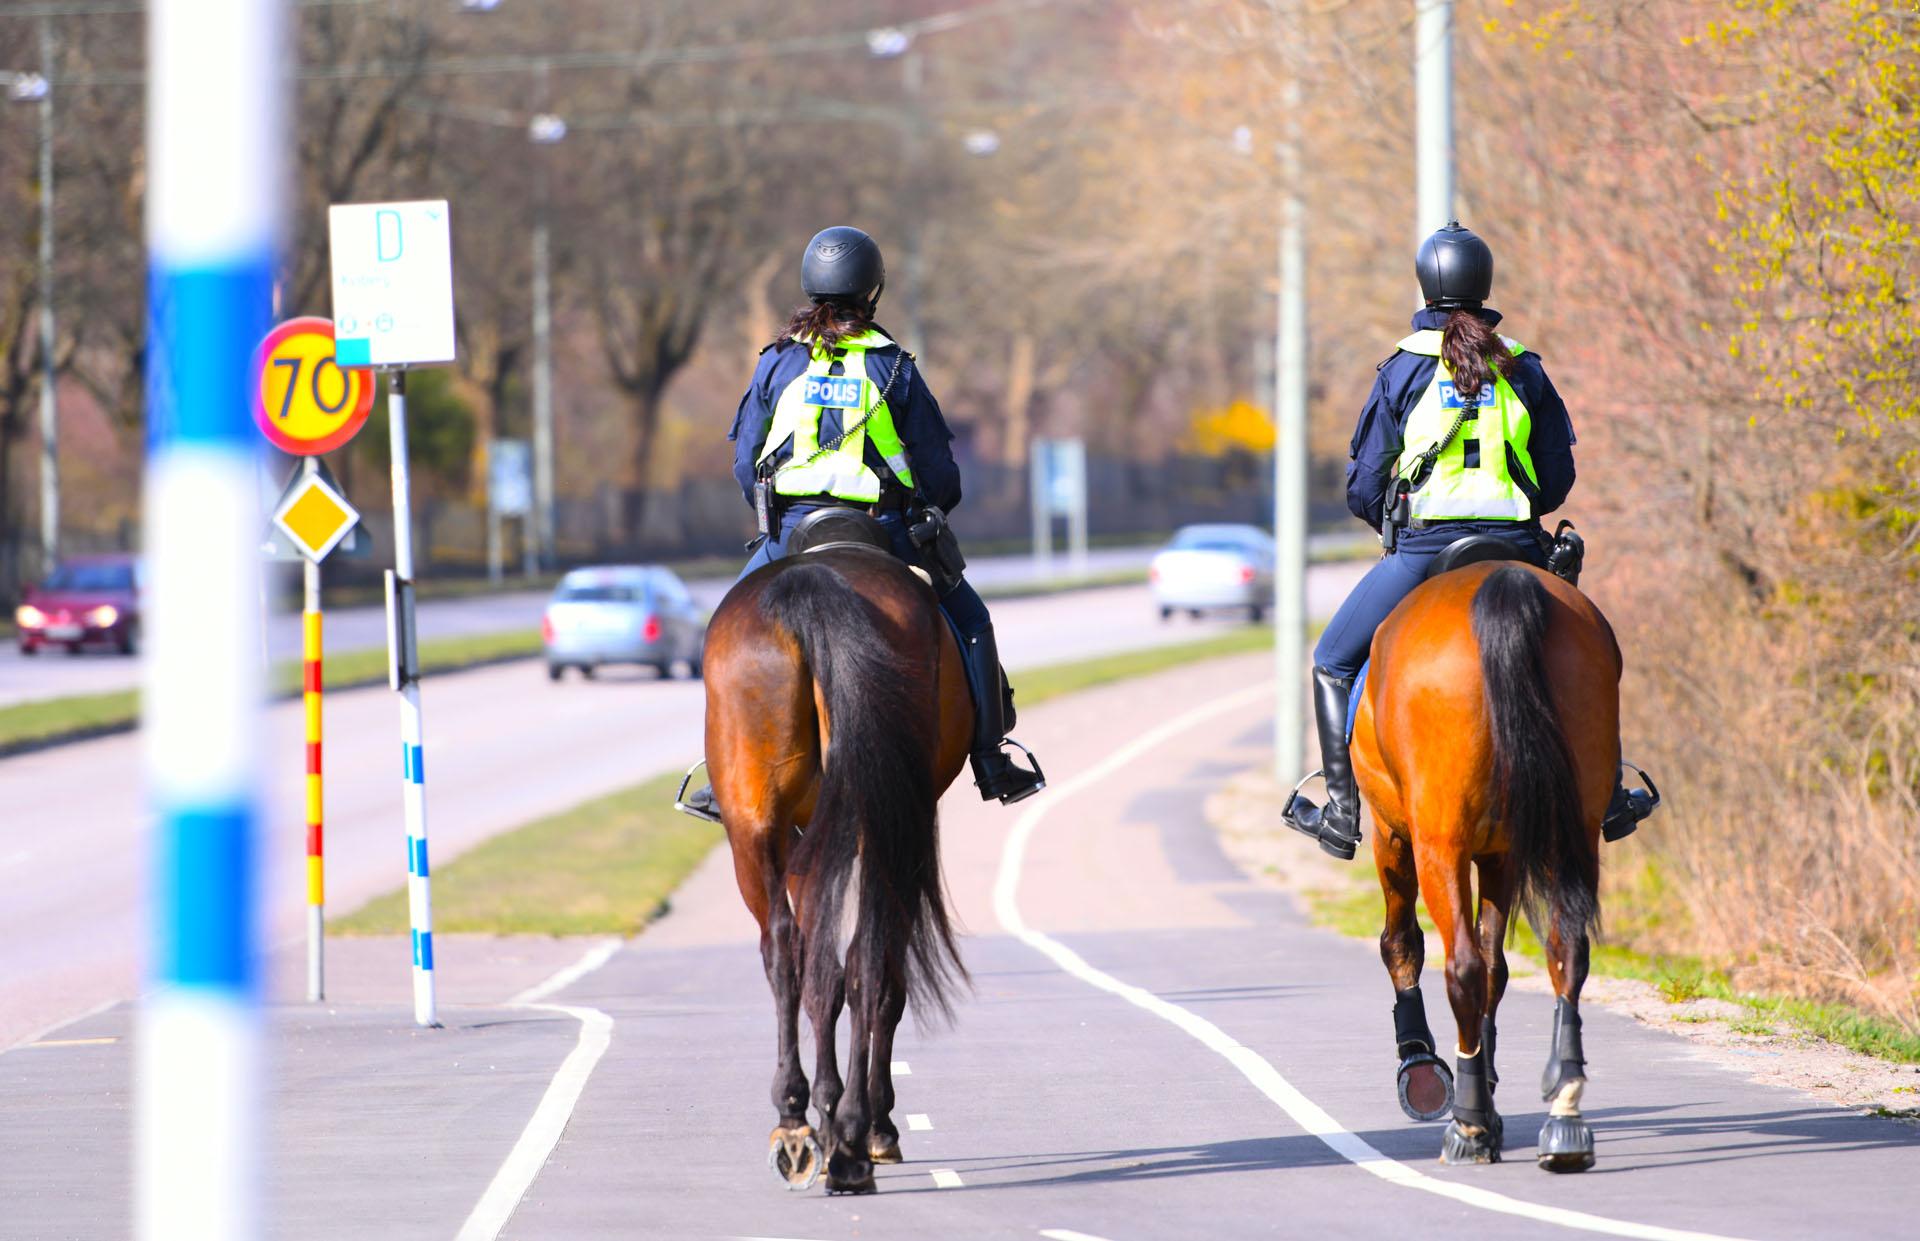 metier-policier-a-cheval